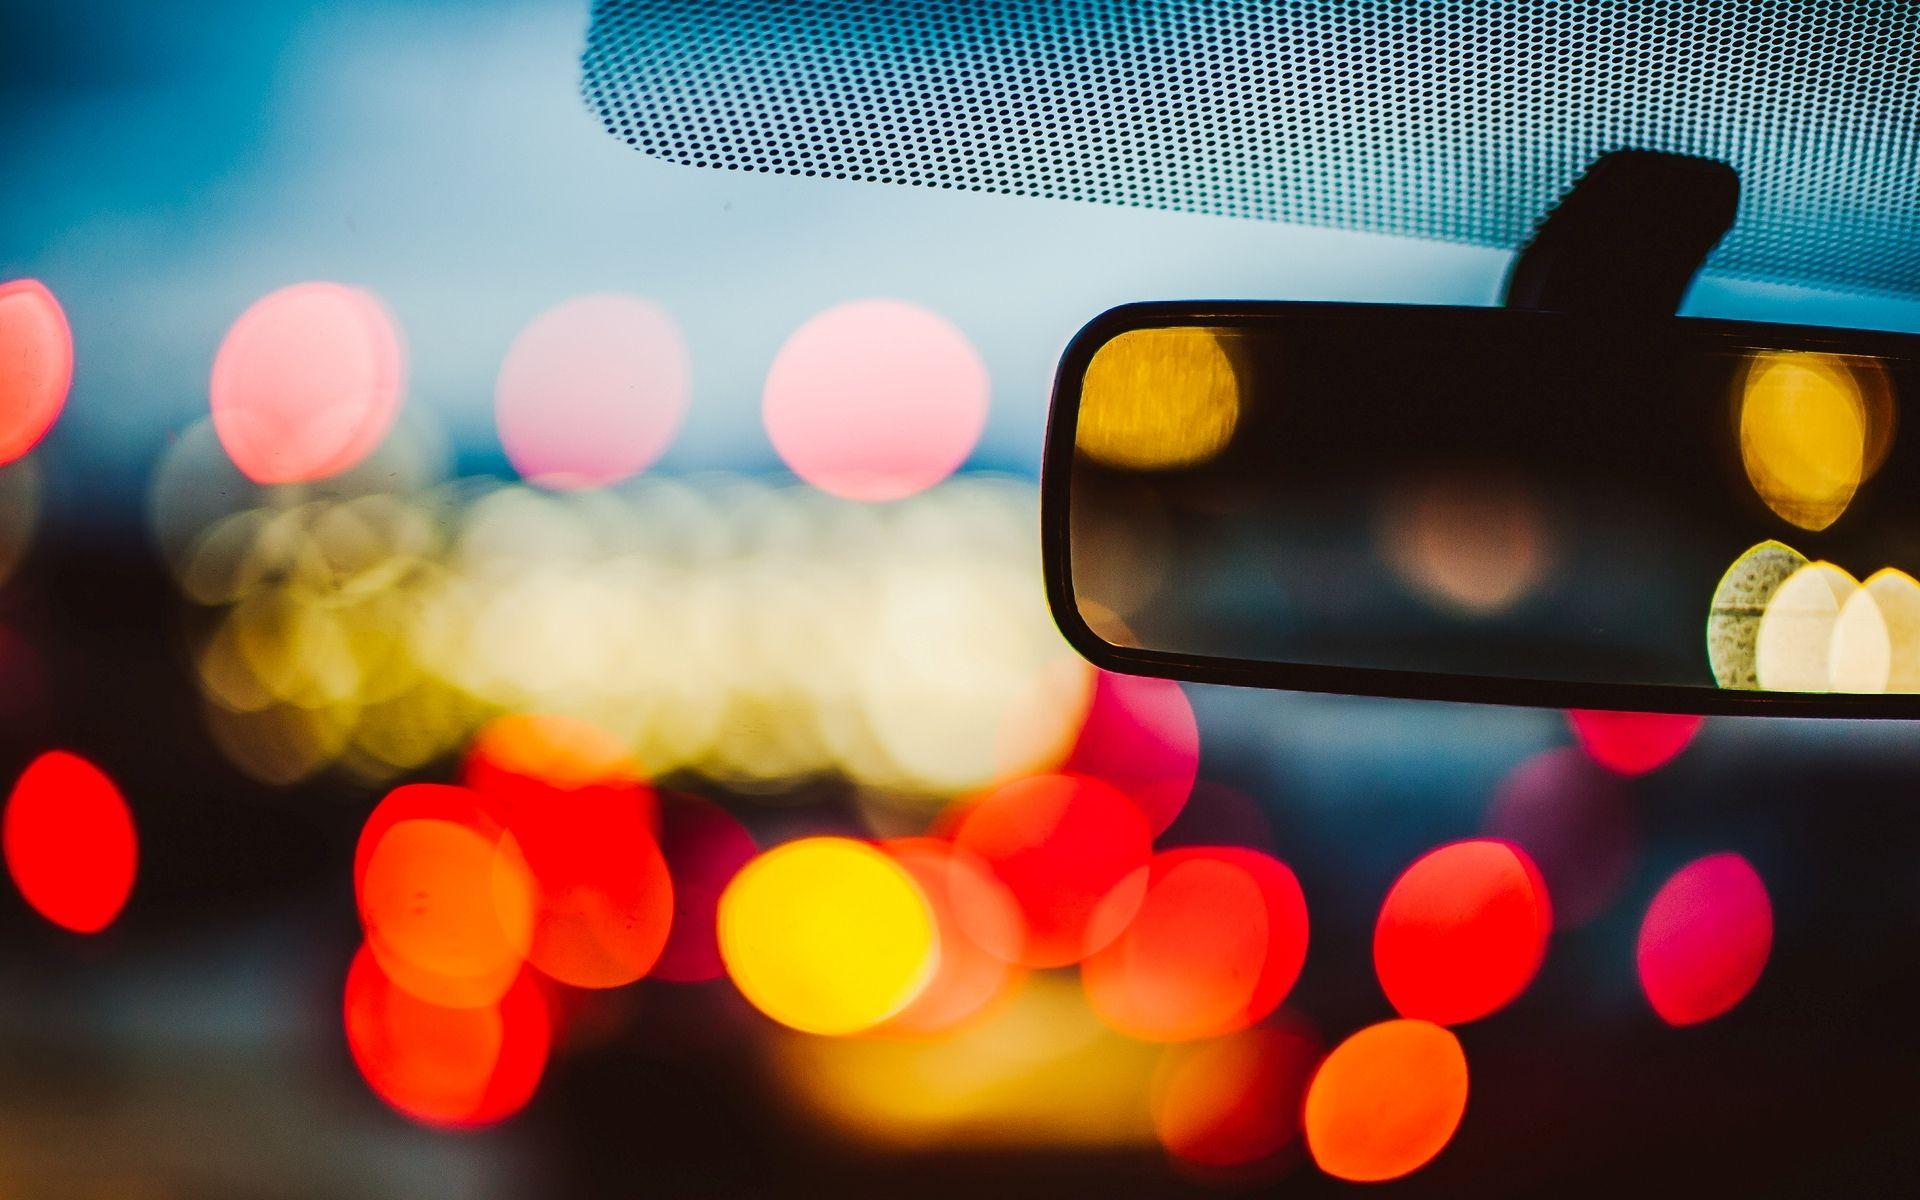 car mirror reflections fotos - Поиск в Google